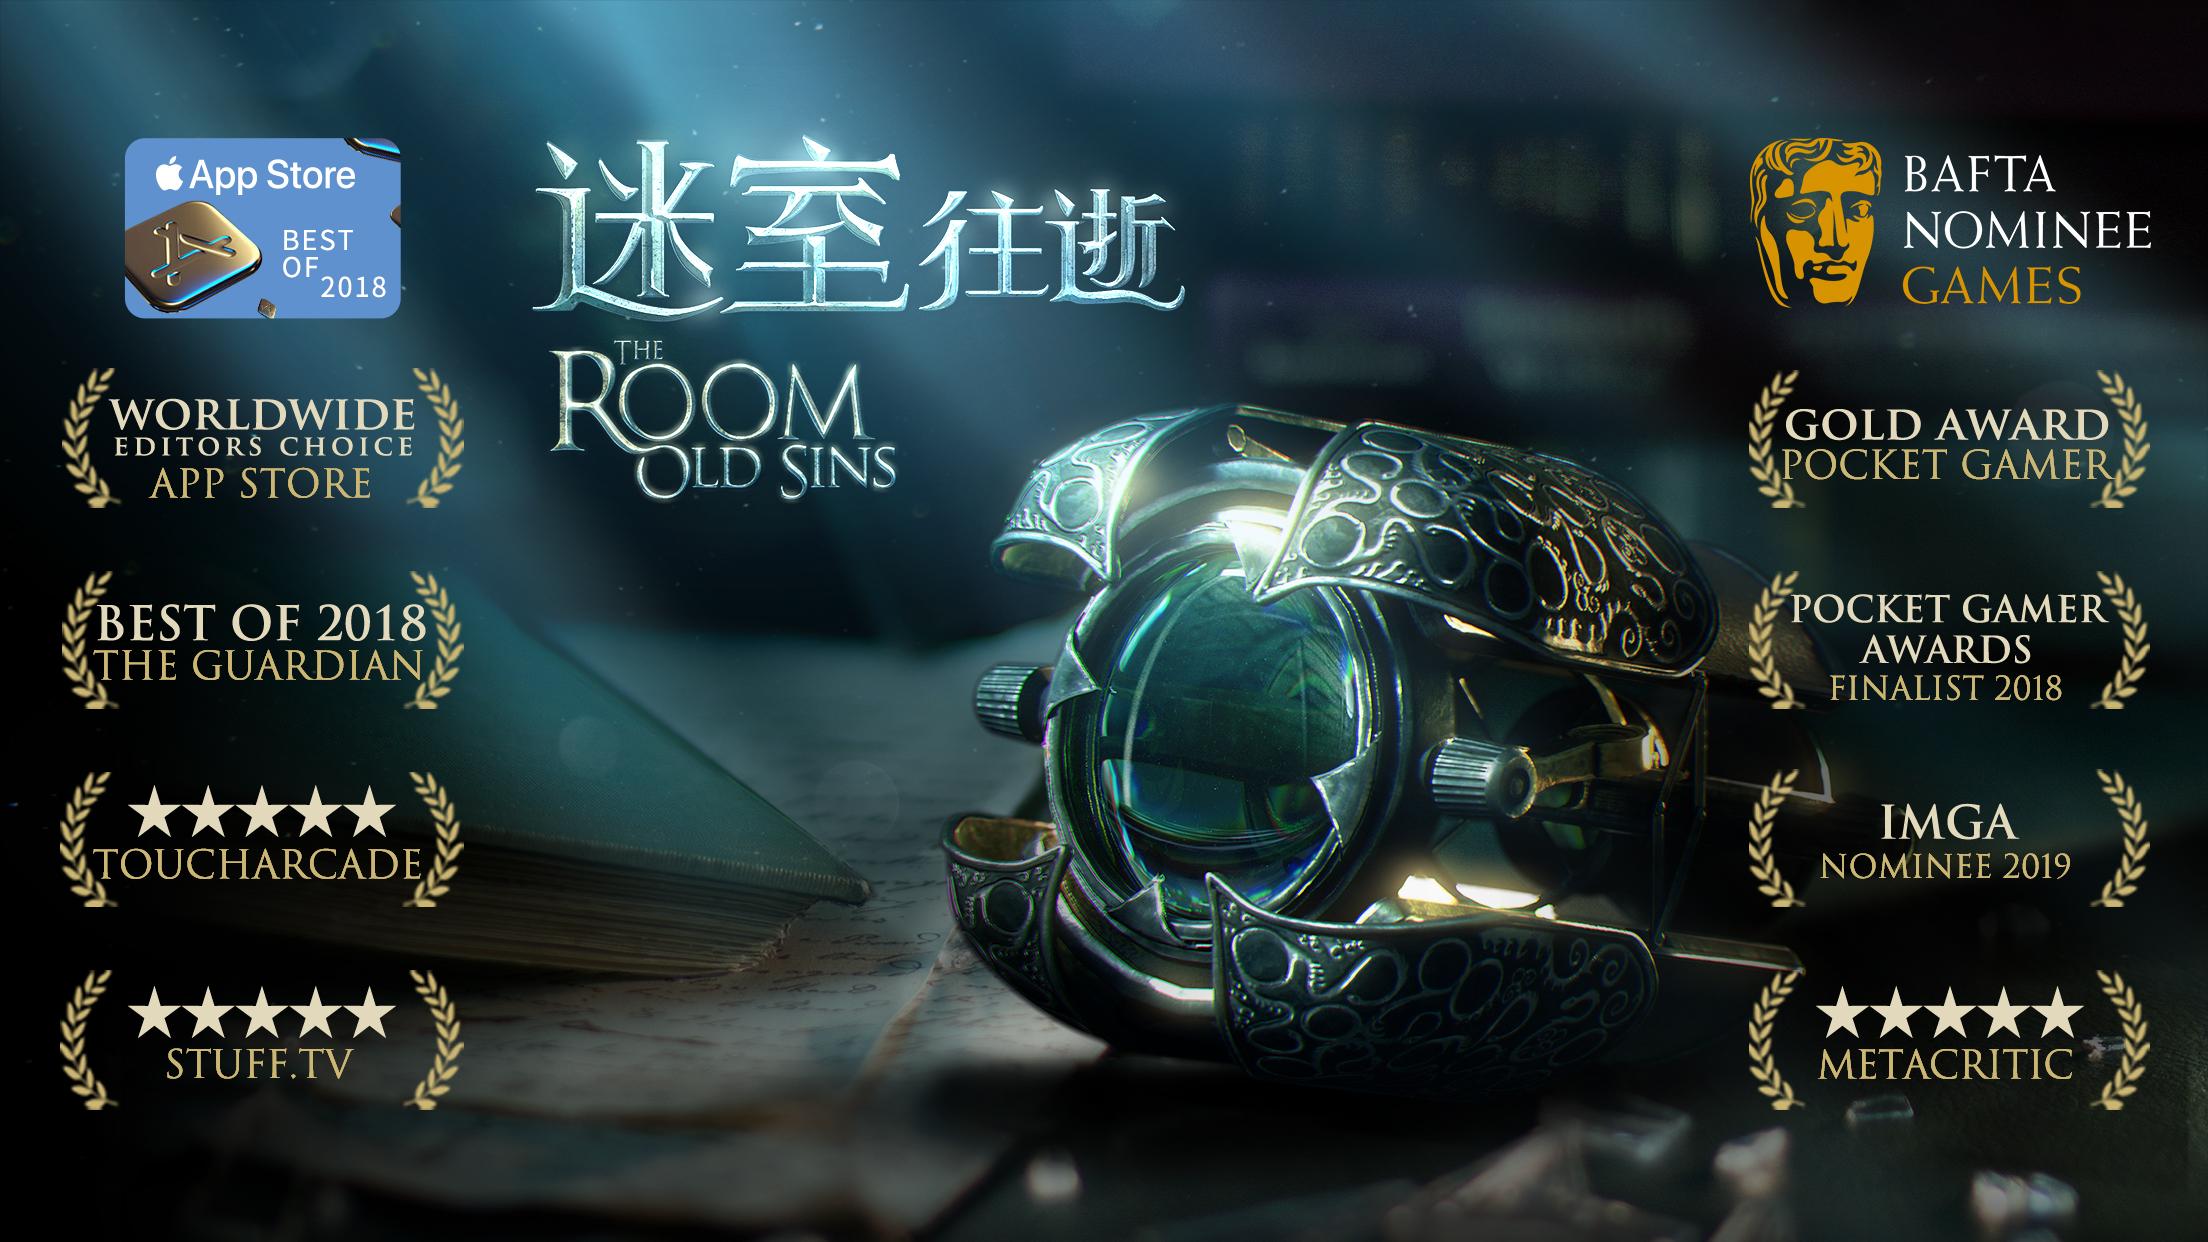 全球解谜玩家期待!The Room第四作《迷室:往逝》今日App Store首发